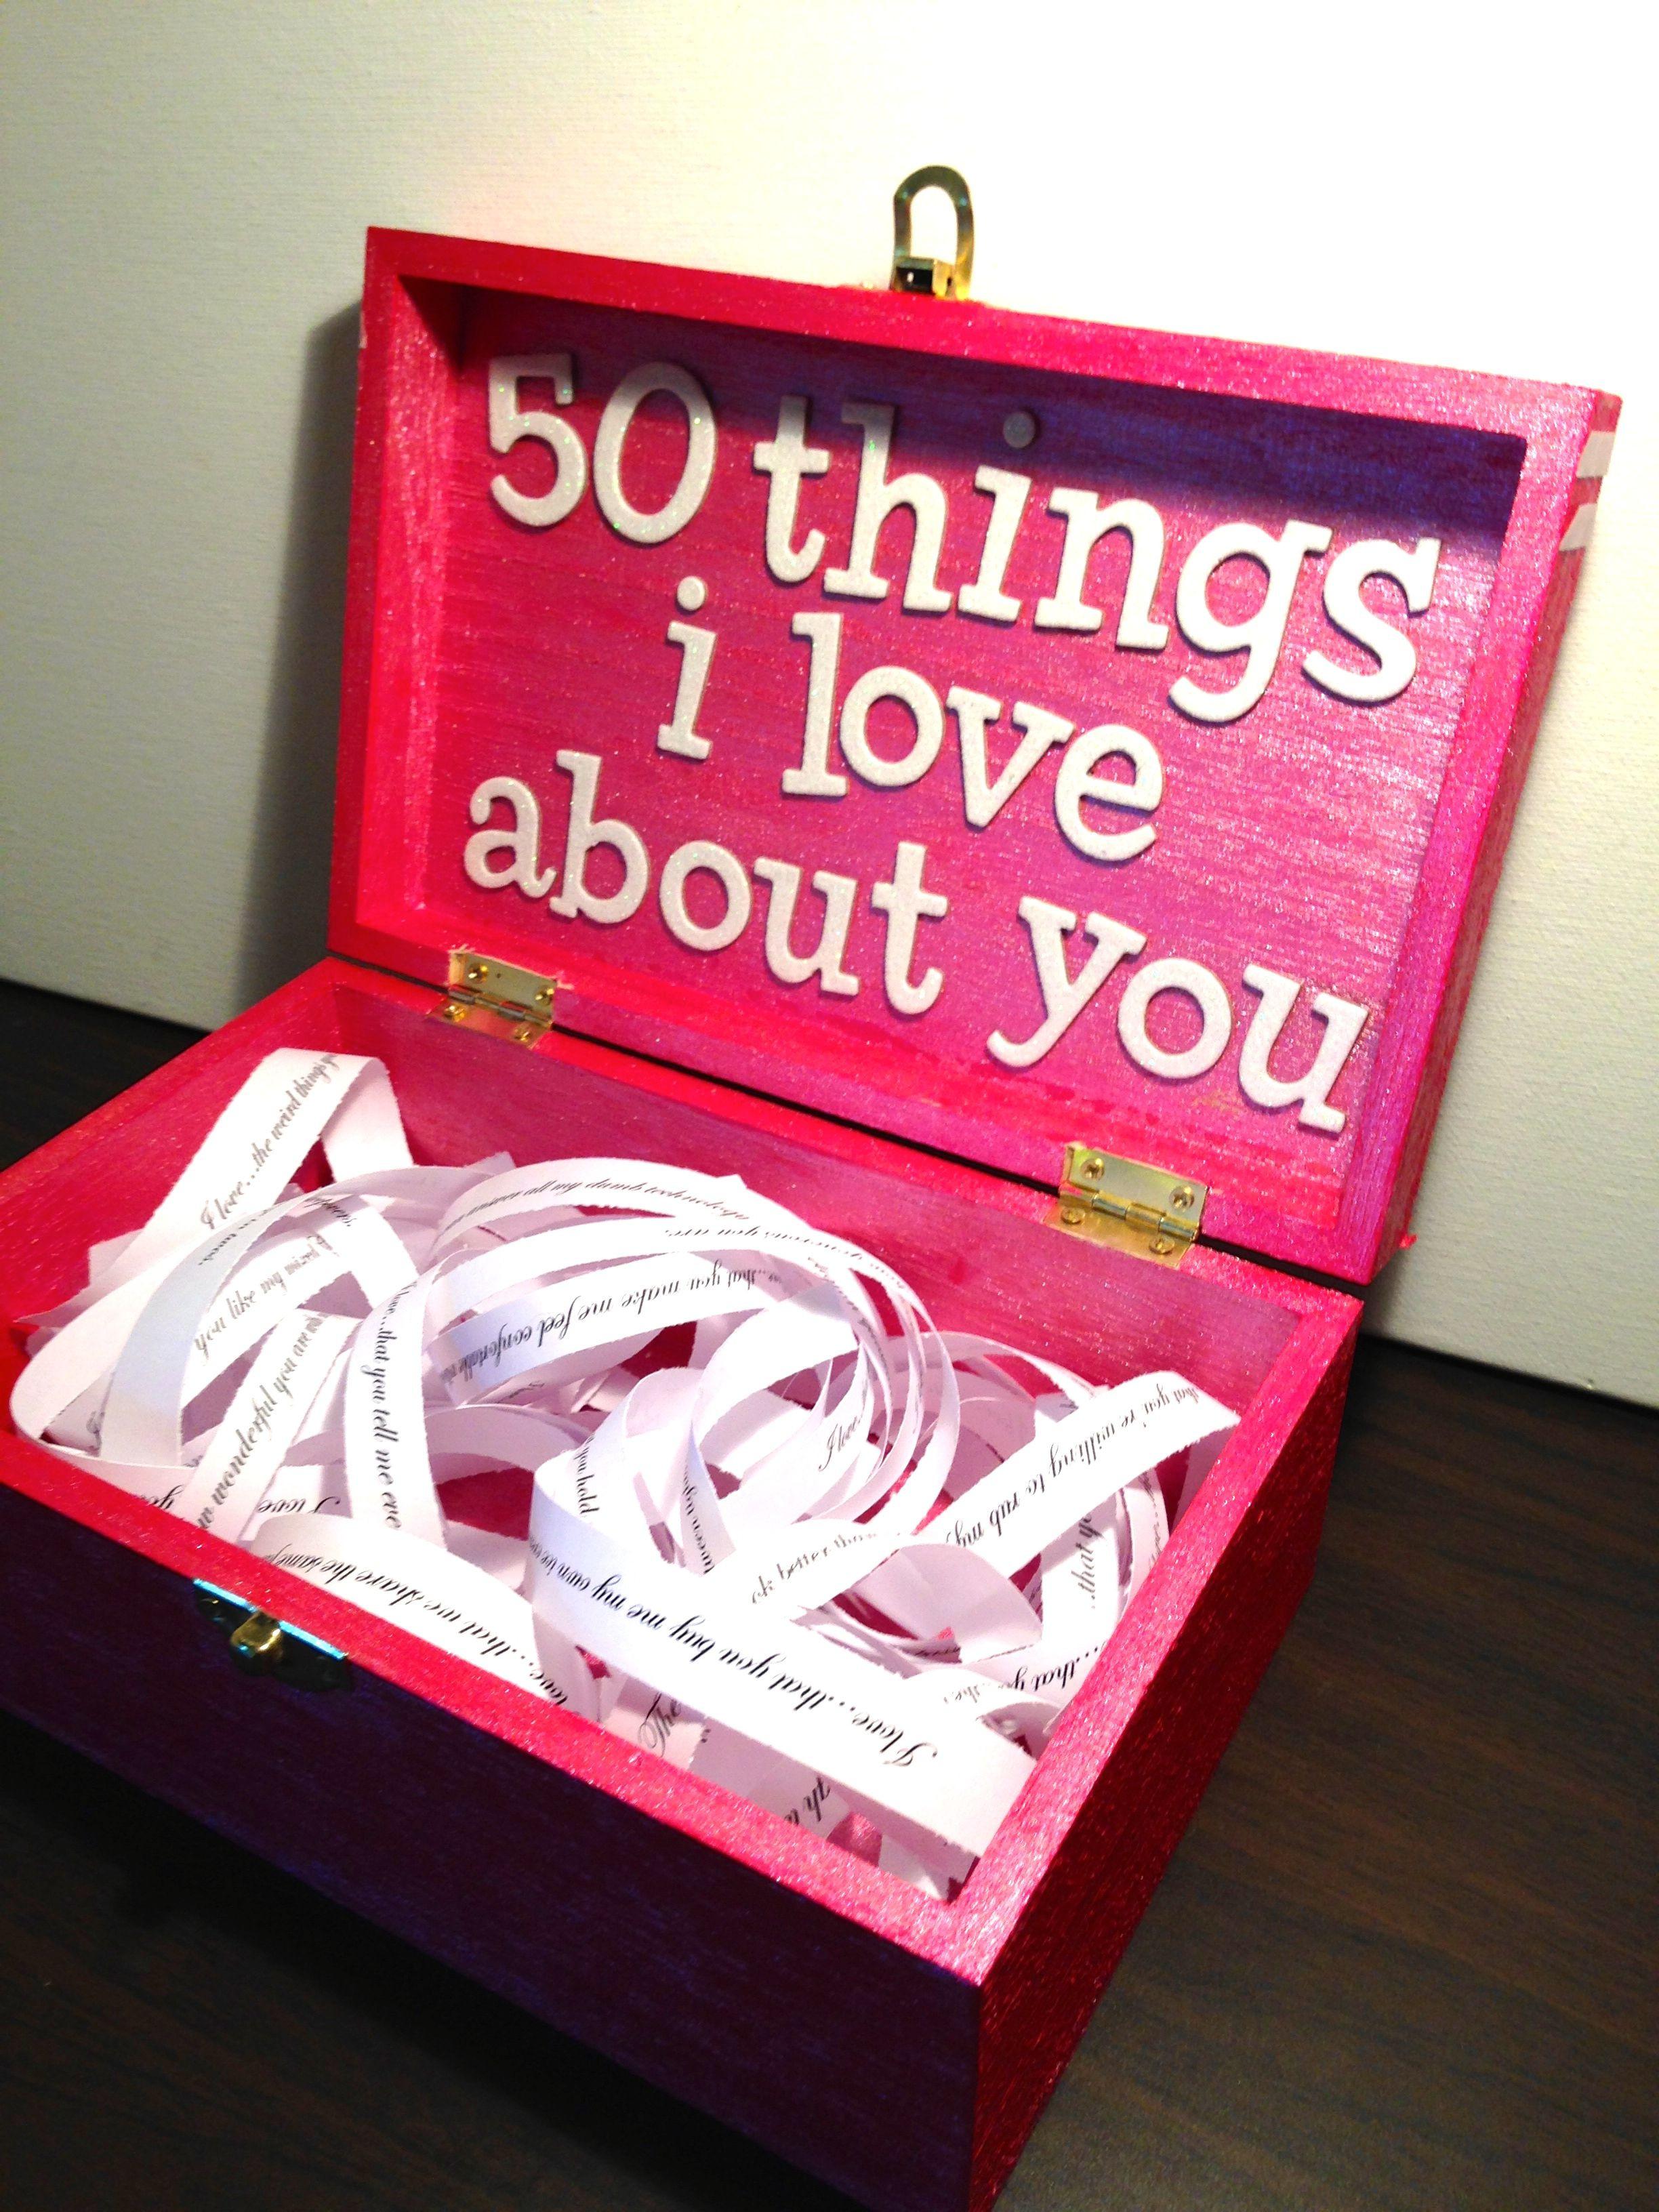 Gift Ideas Girlfriend  Boyfriend Girlfriend t ideas for birthday valentine